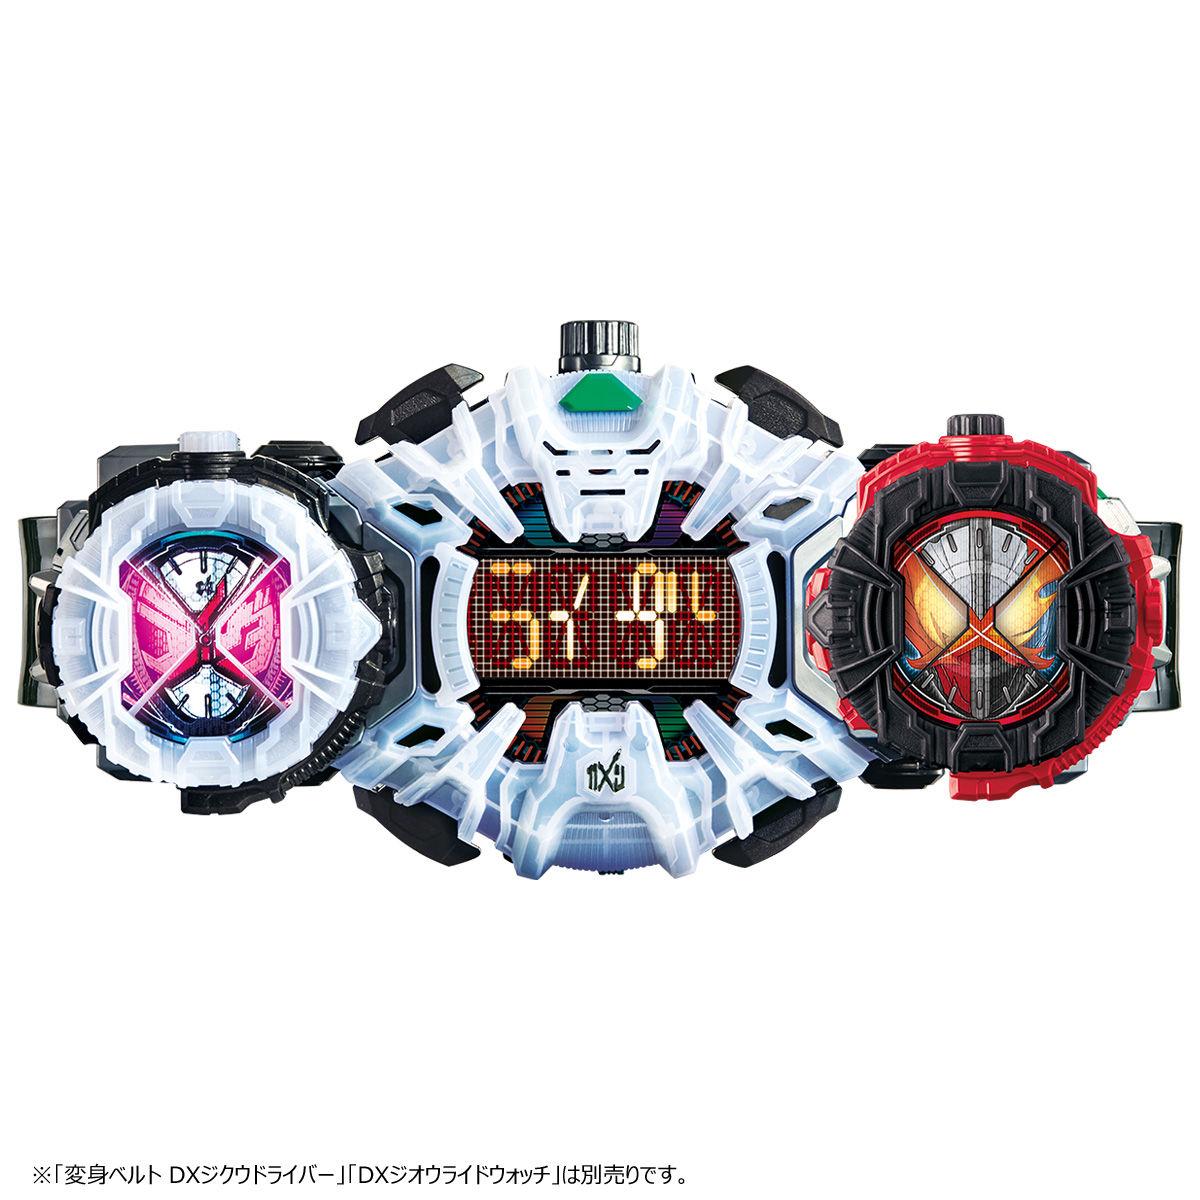 【限定販売】仮面ライダージオウ『DXネオディケイドライバー&ケータッチ21』変身なりきり-006